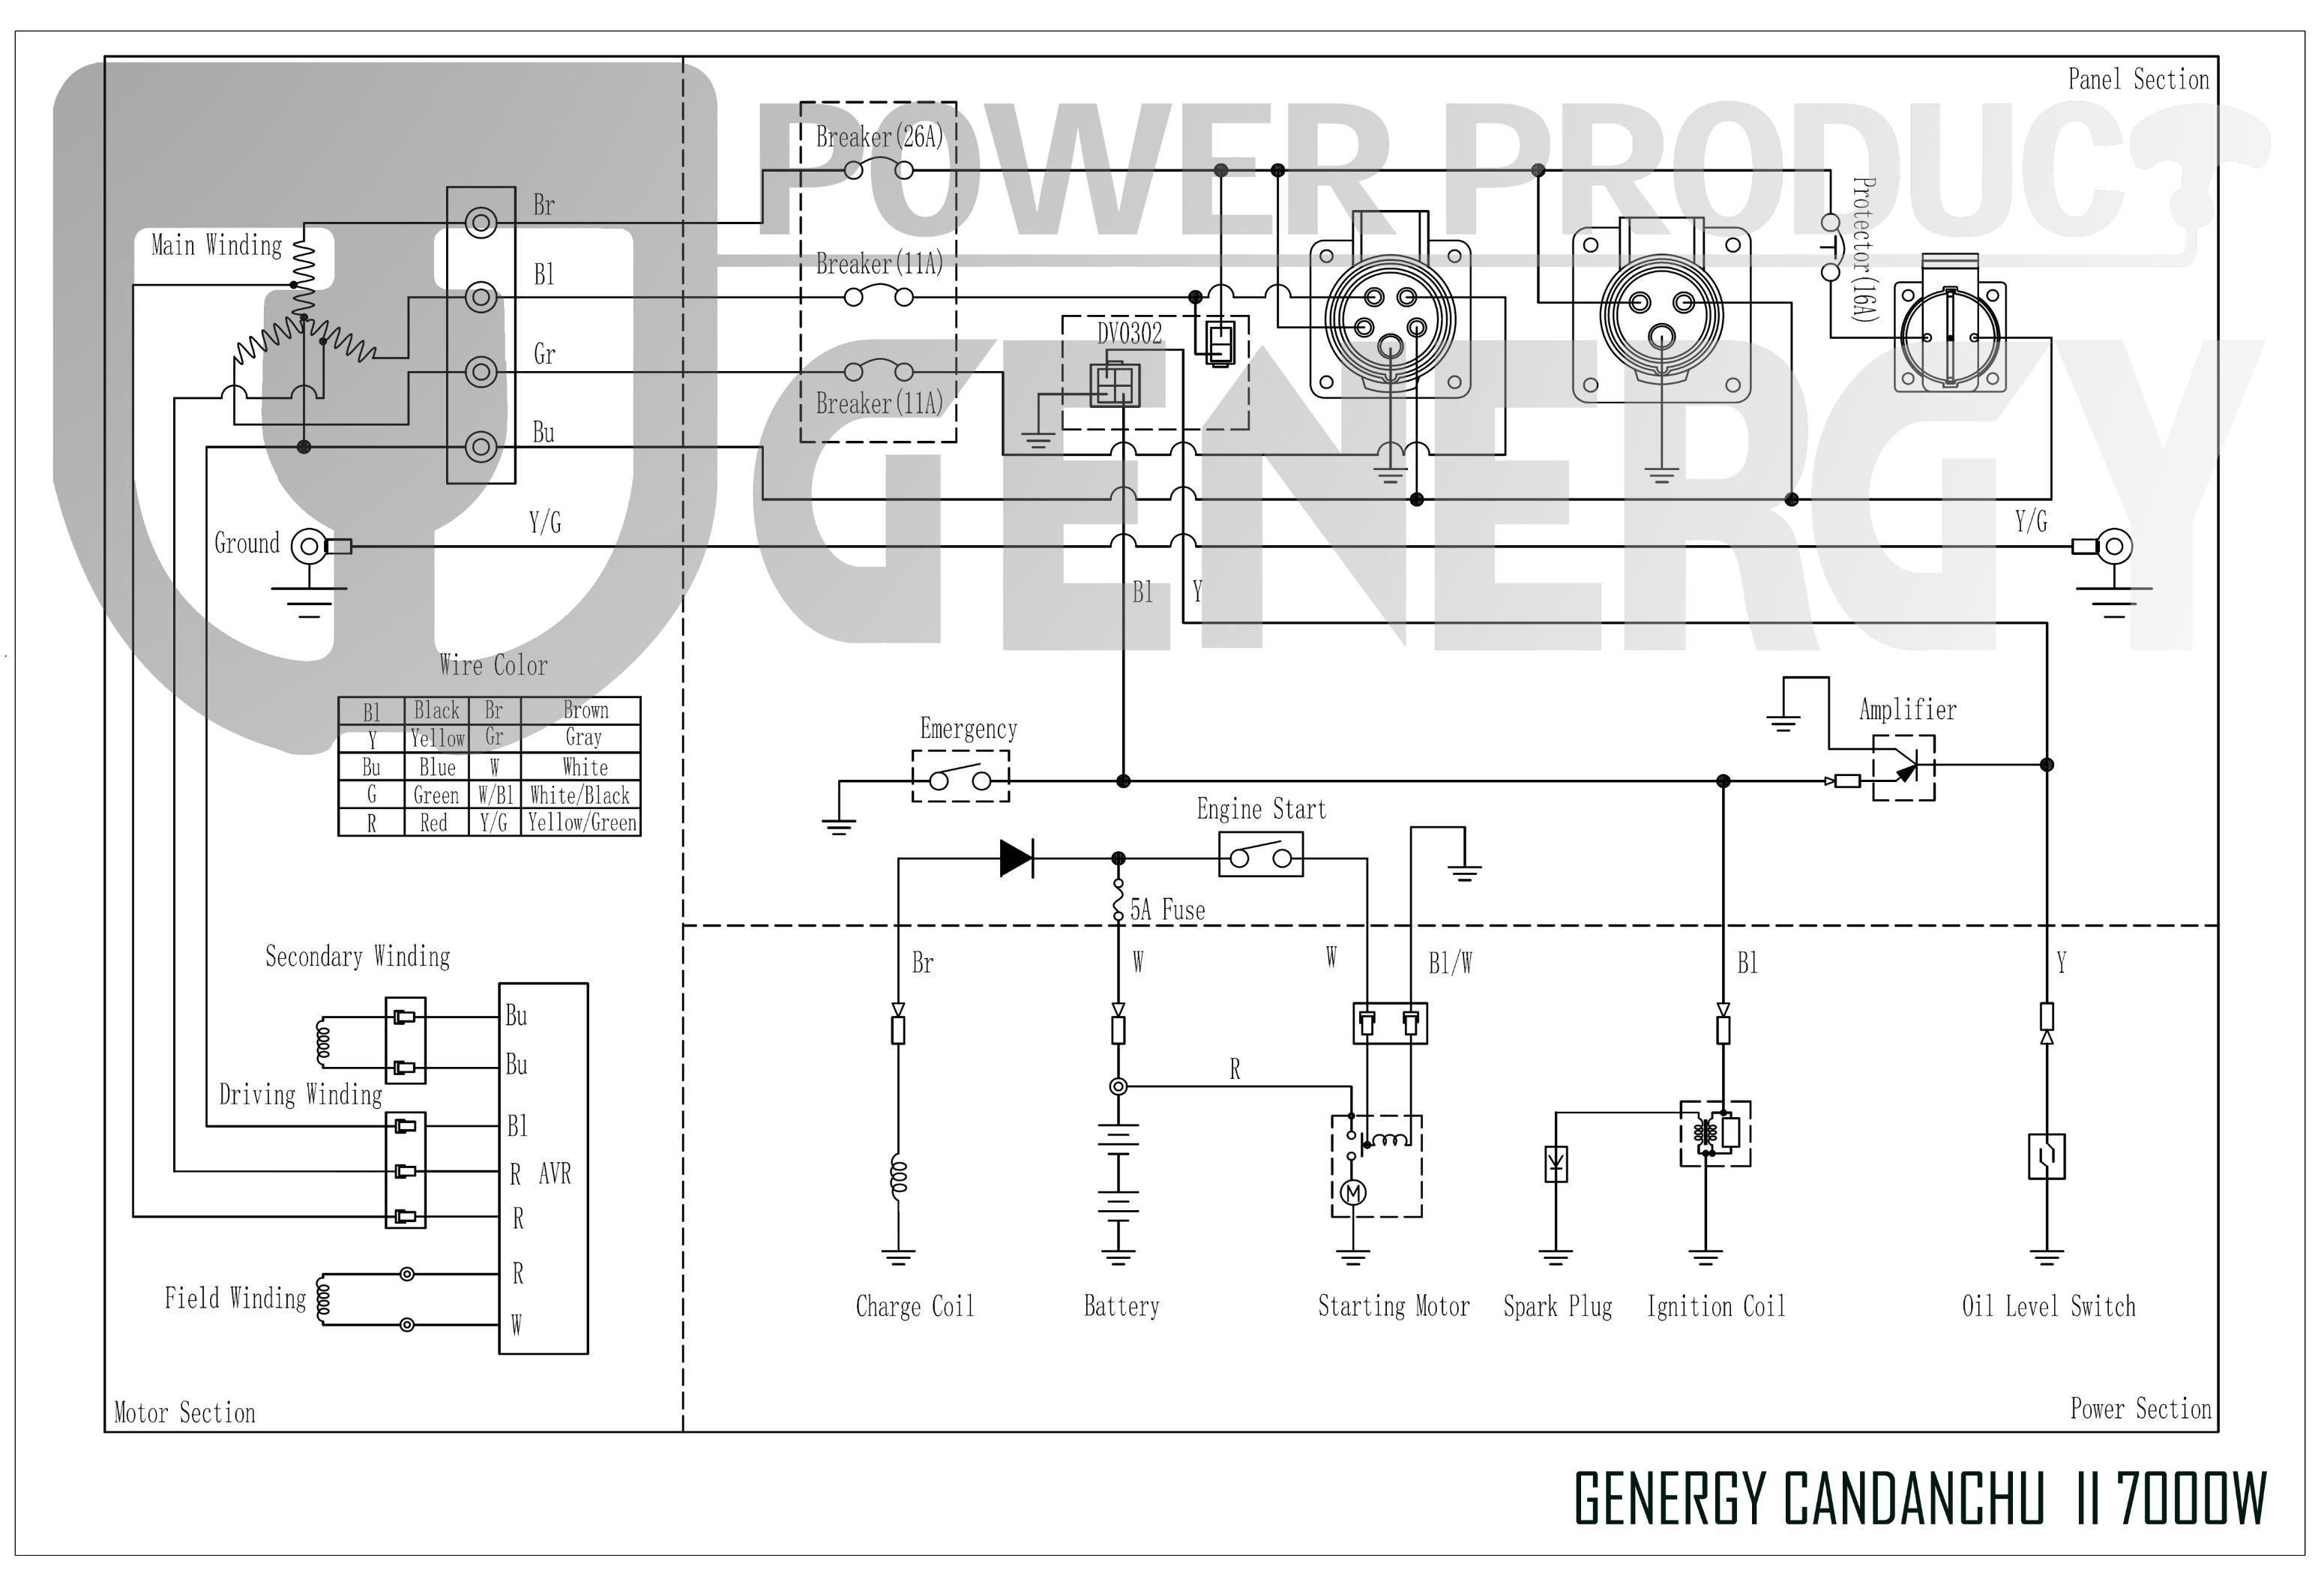 Esquema Generador de Luz Candanchú